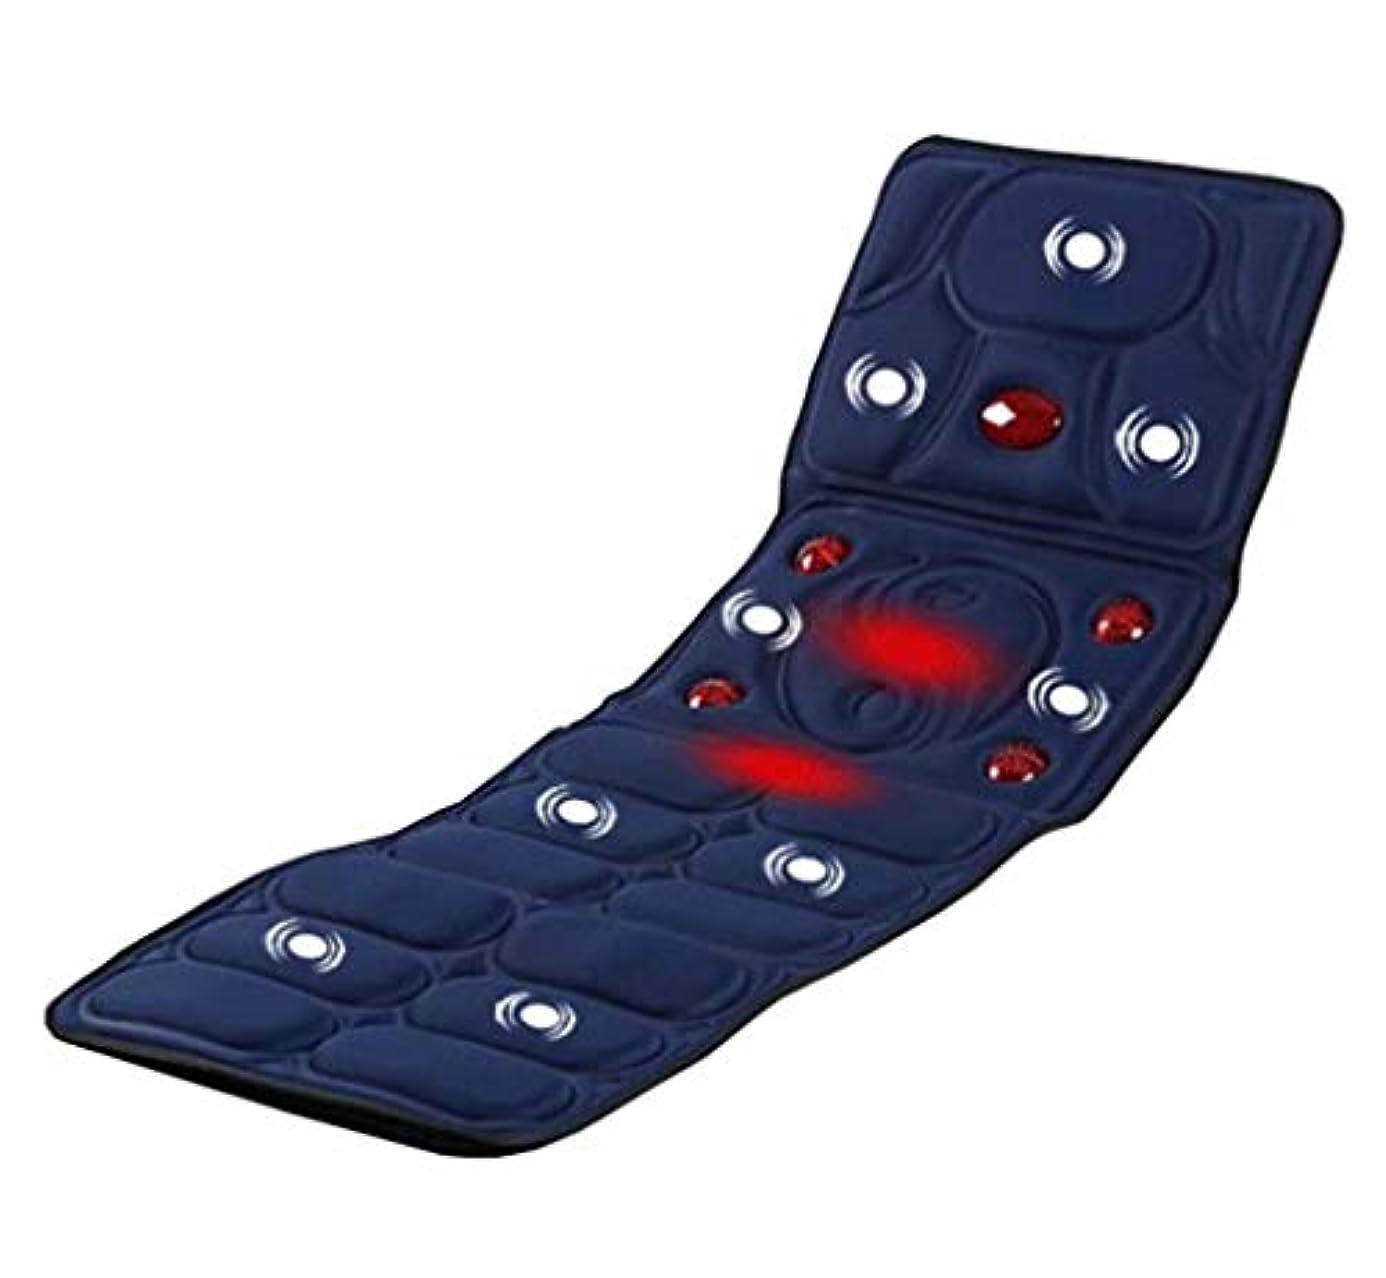 マッサージマットレス多機能電気暖房マッサージ毛布全身マッサージシートクッション頸椎背部医療ヘルスケアマッサージ機器,ブルー